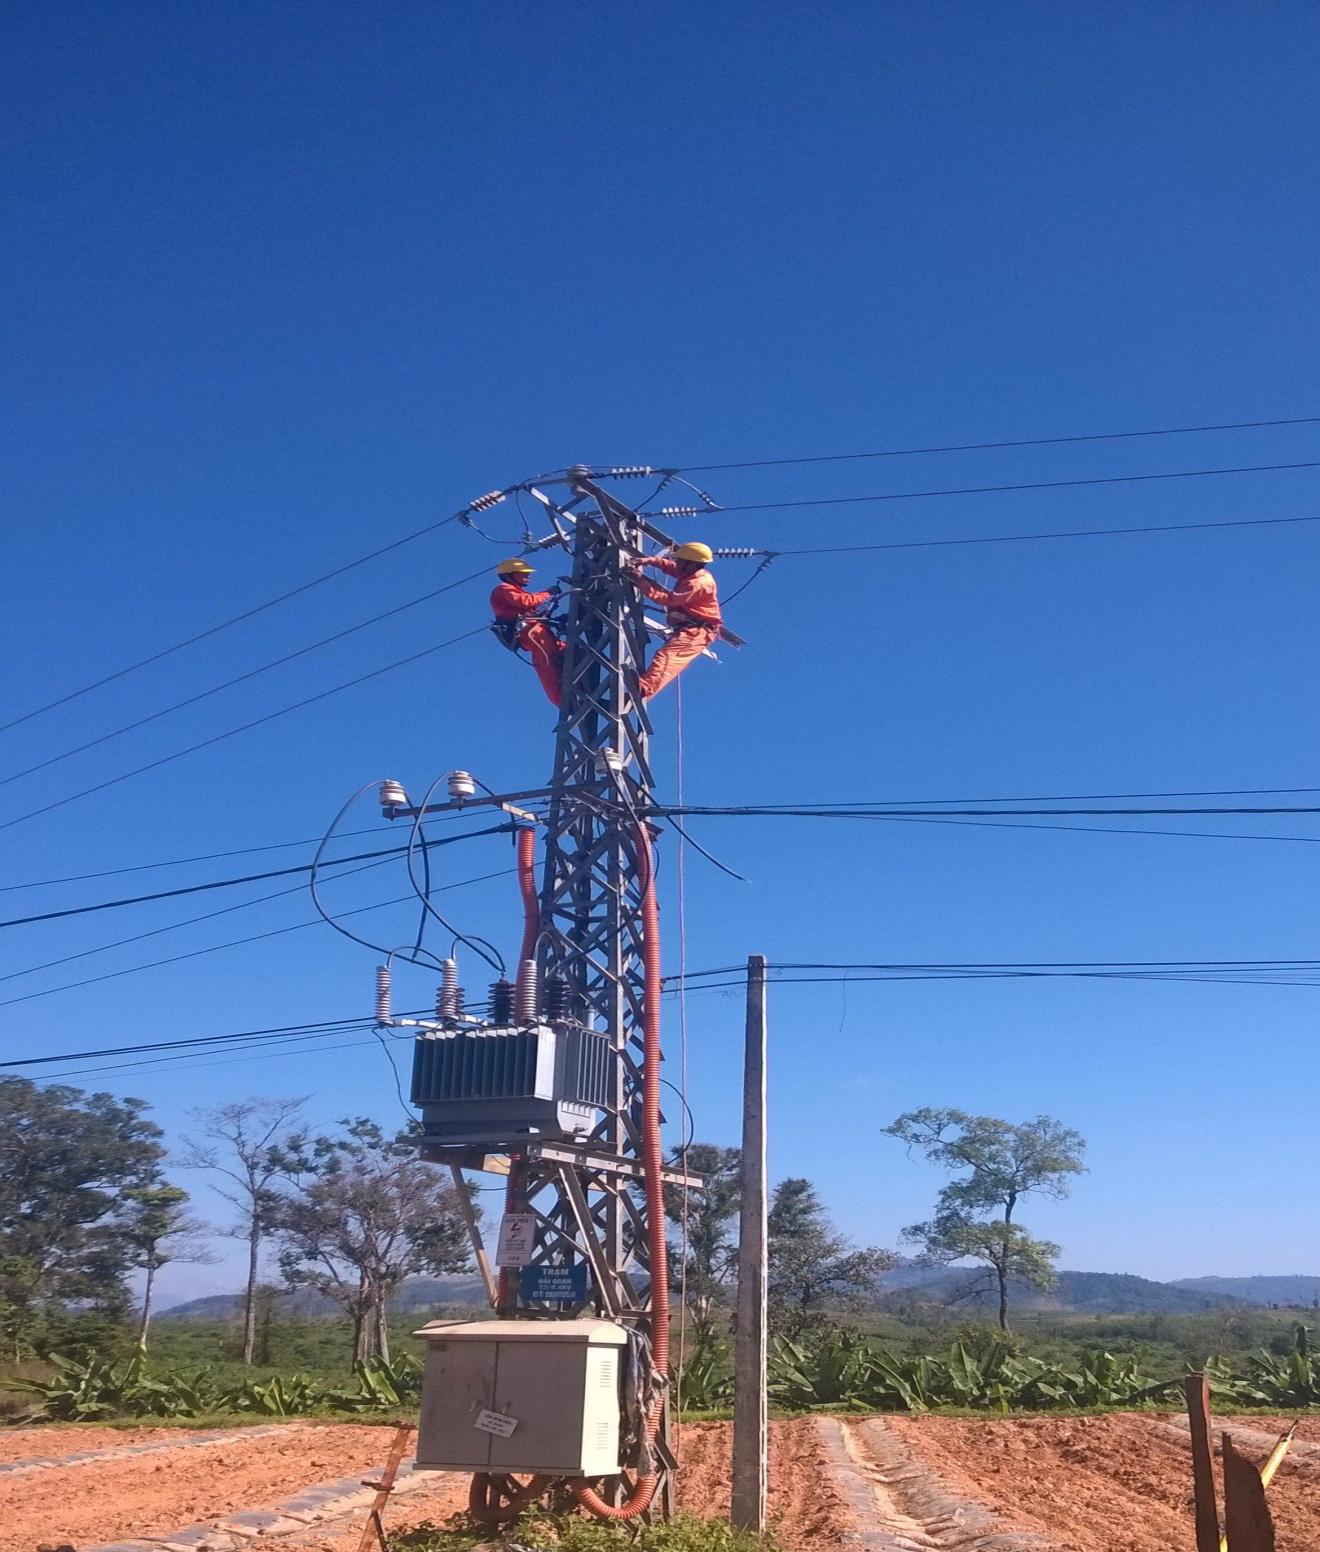 PC Gia Lai: Đảm bảo cung cấp điện cho phát triển công nghiệp trên địa bàn tỉnh Gia Lai - Ảnh 2.